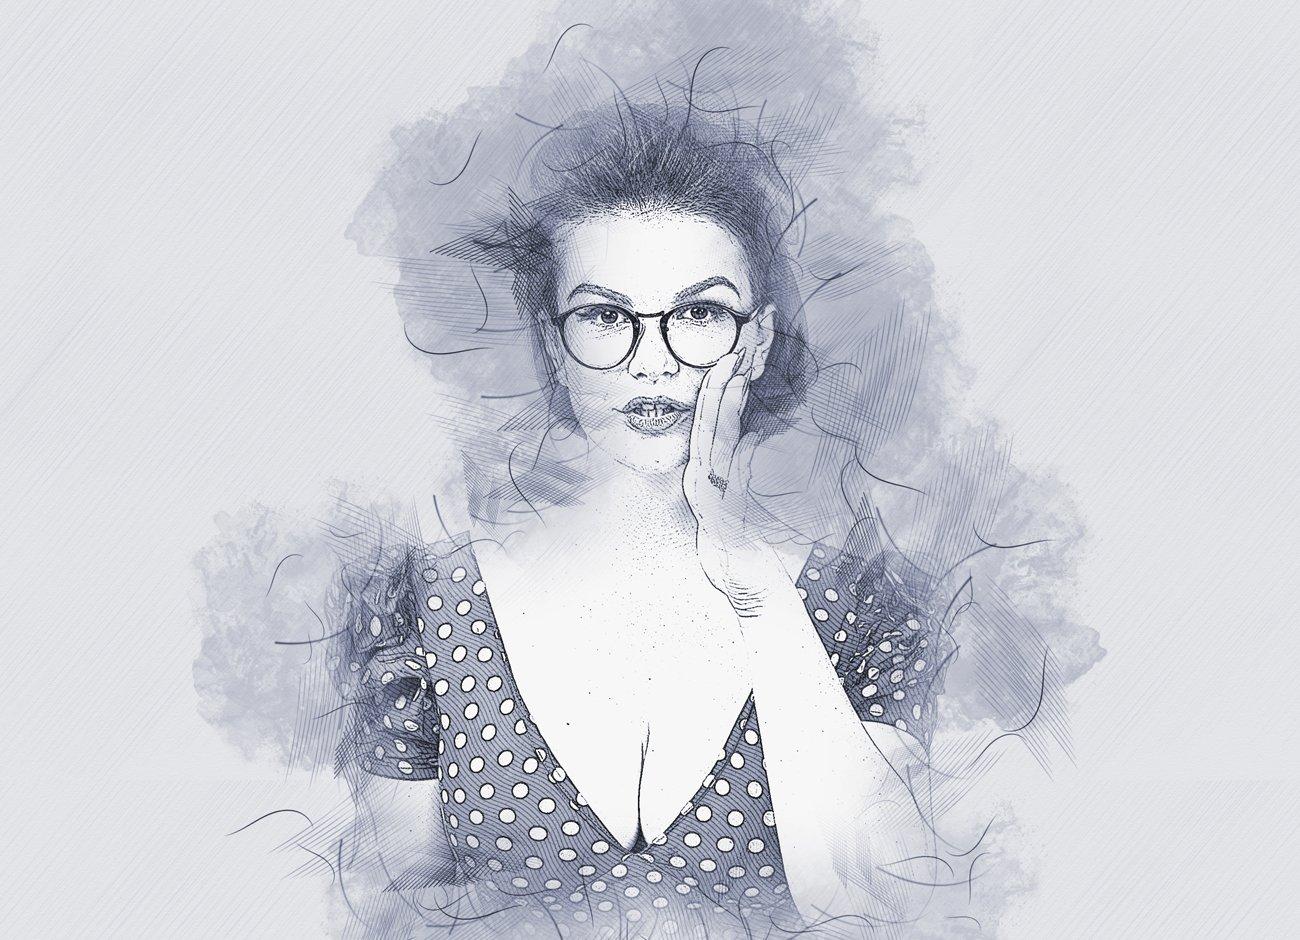 铅笔手绘素描效果照片处理特效PS动作模板 Hand Drawing Sketch Photoshop Action插图7